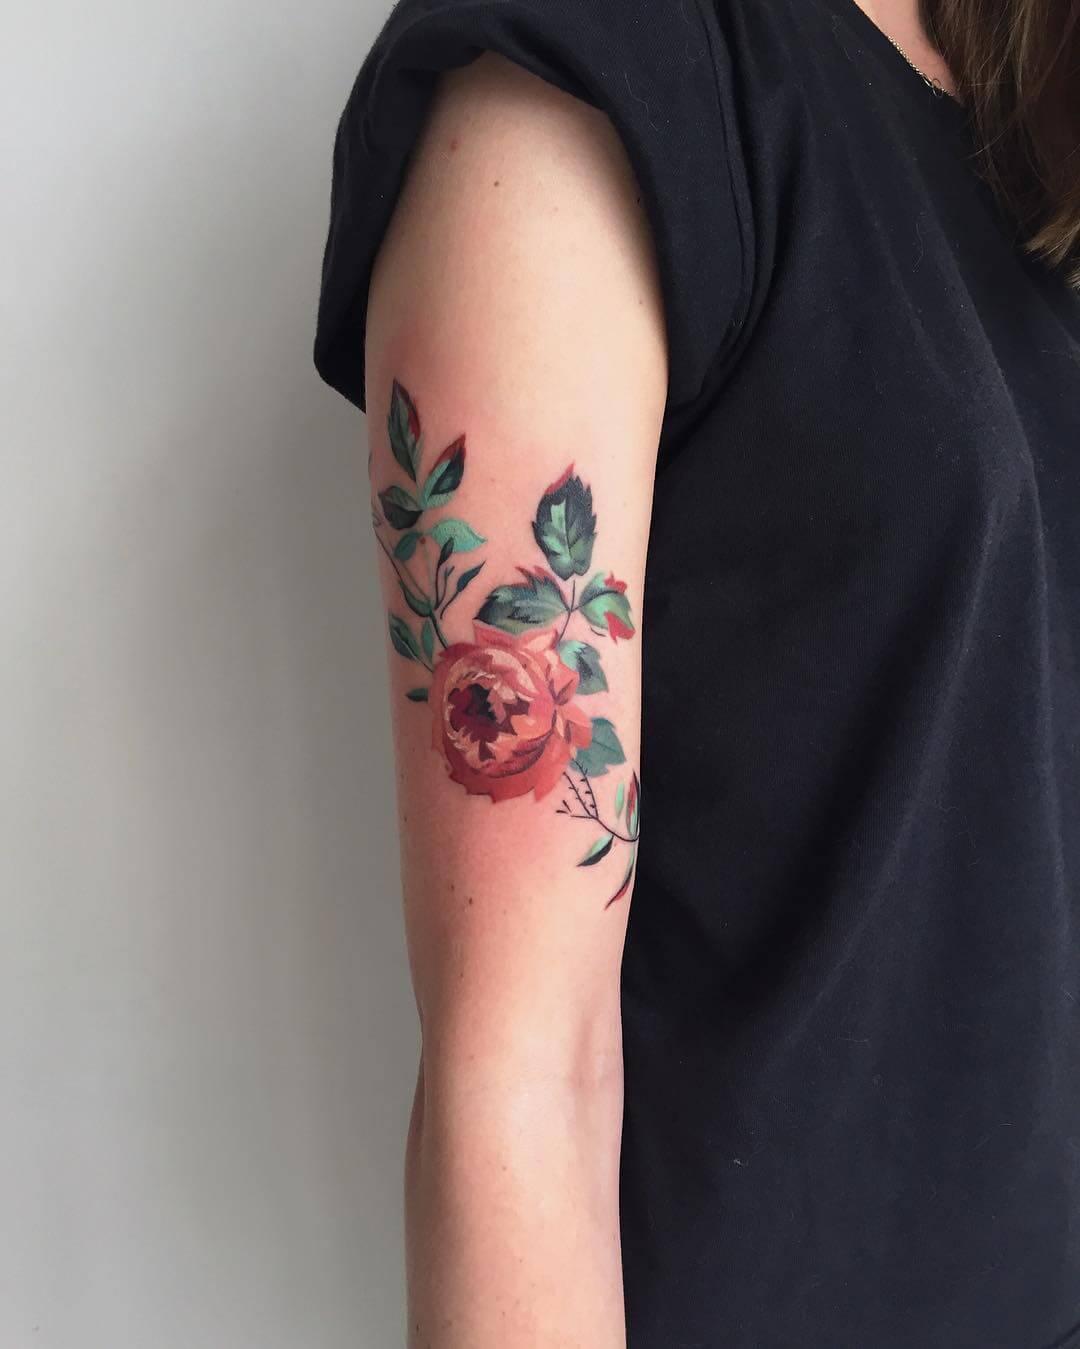 Flowers Tattoo Black Arm Tattoo Tattooed Tattoos: 27 Inspiring Rose Tattoos Designs